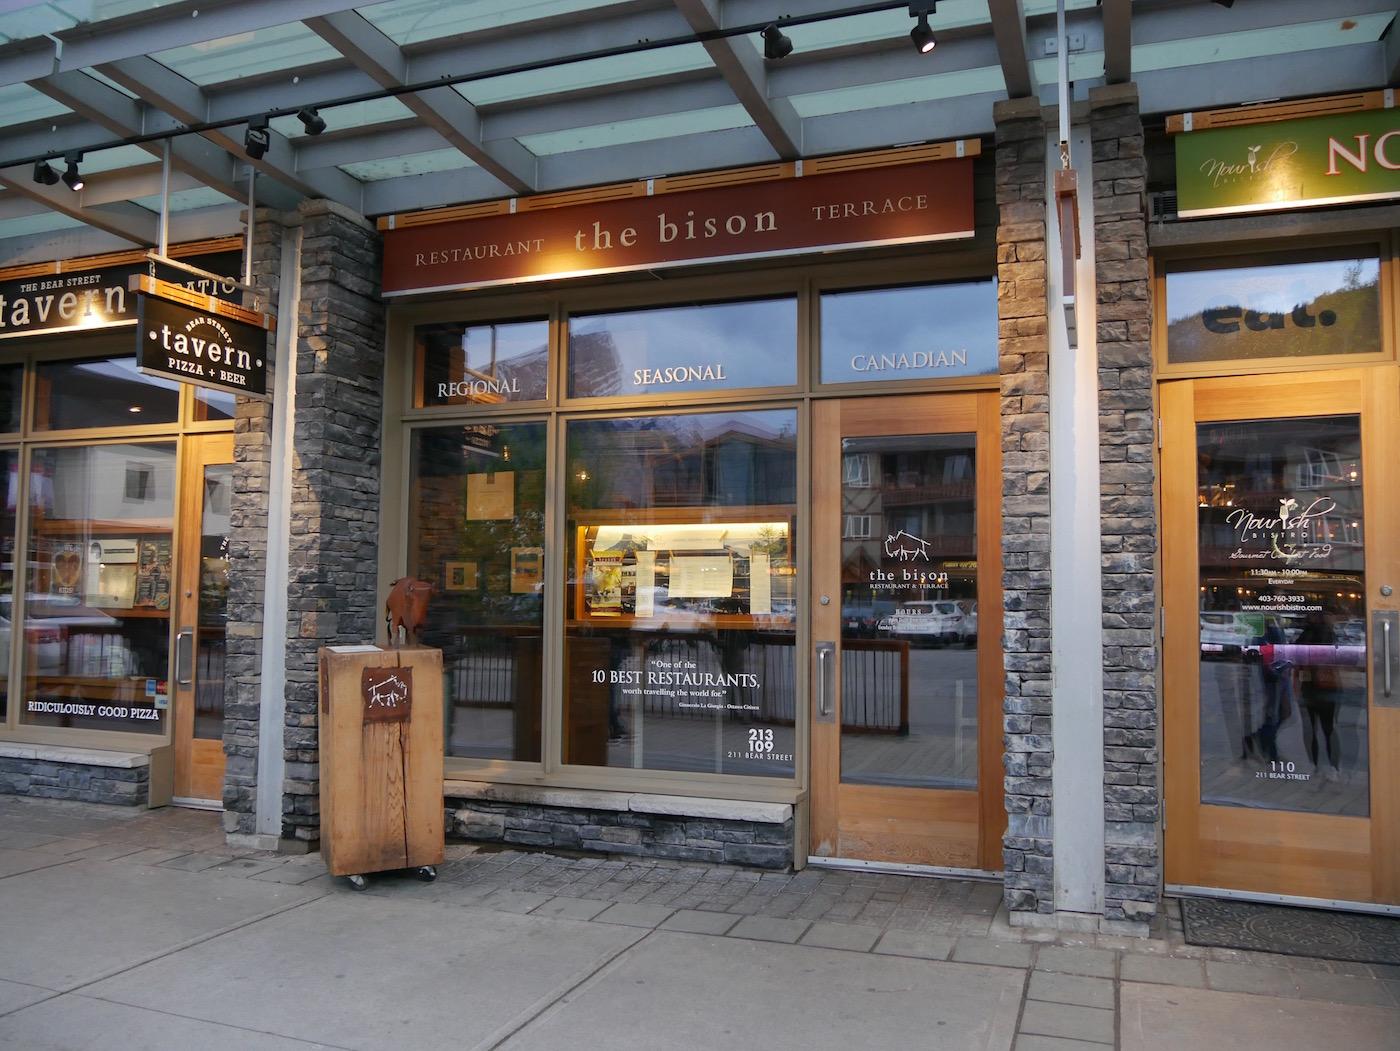 The Bison restaurant Banff